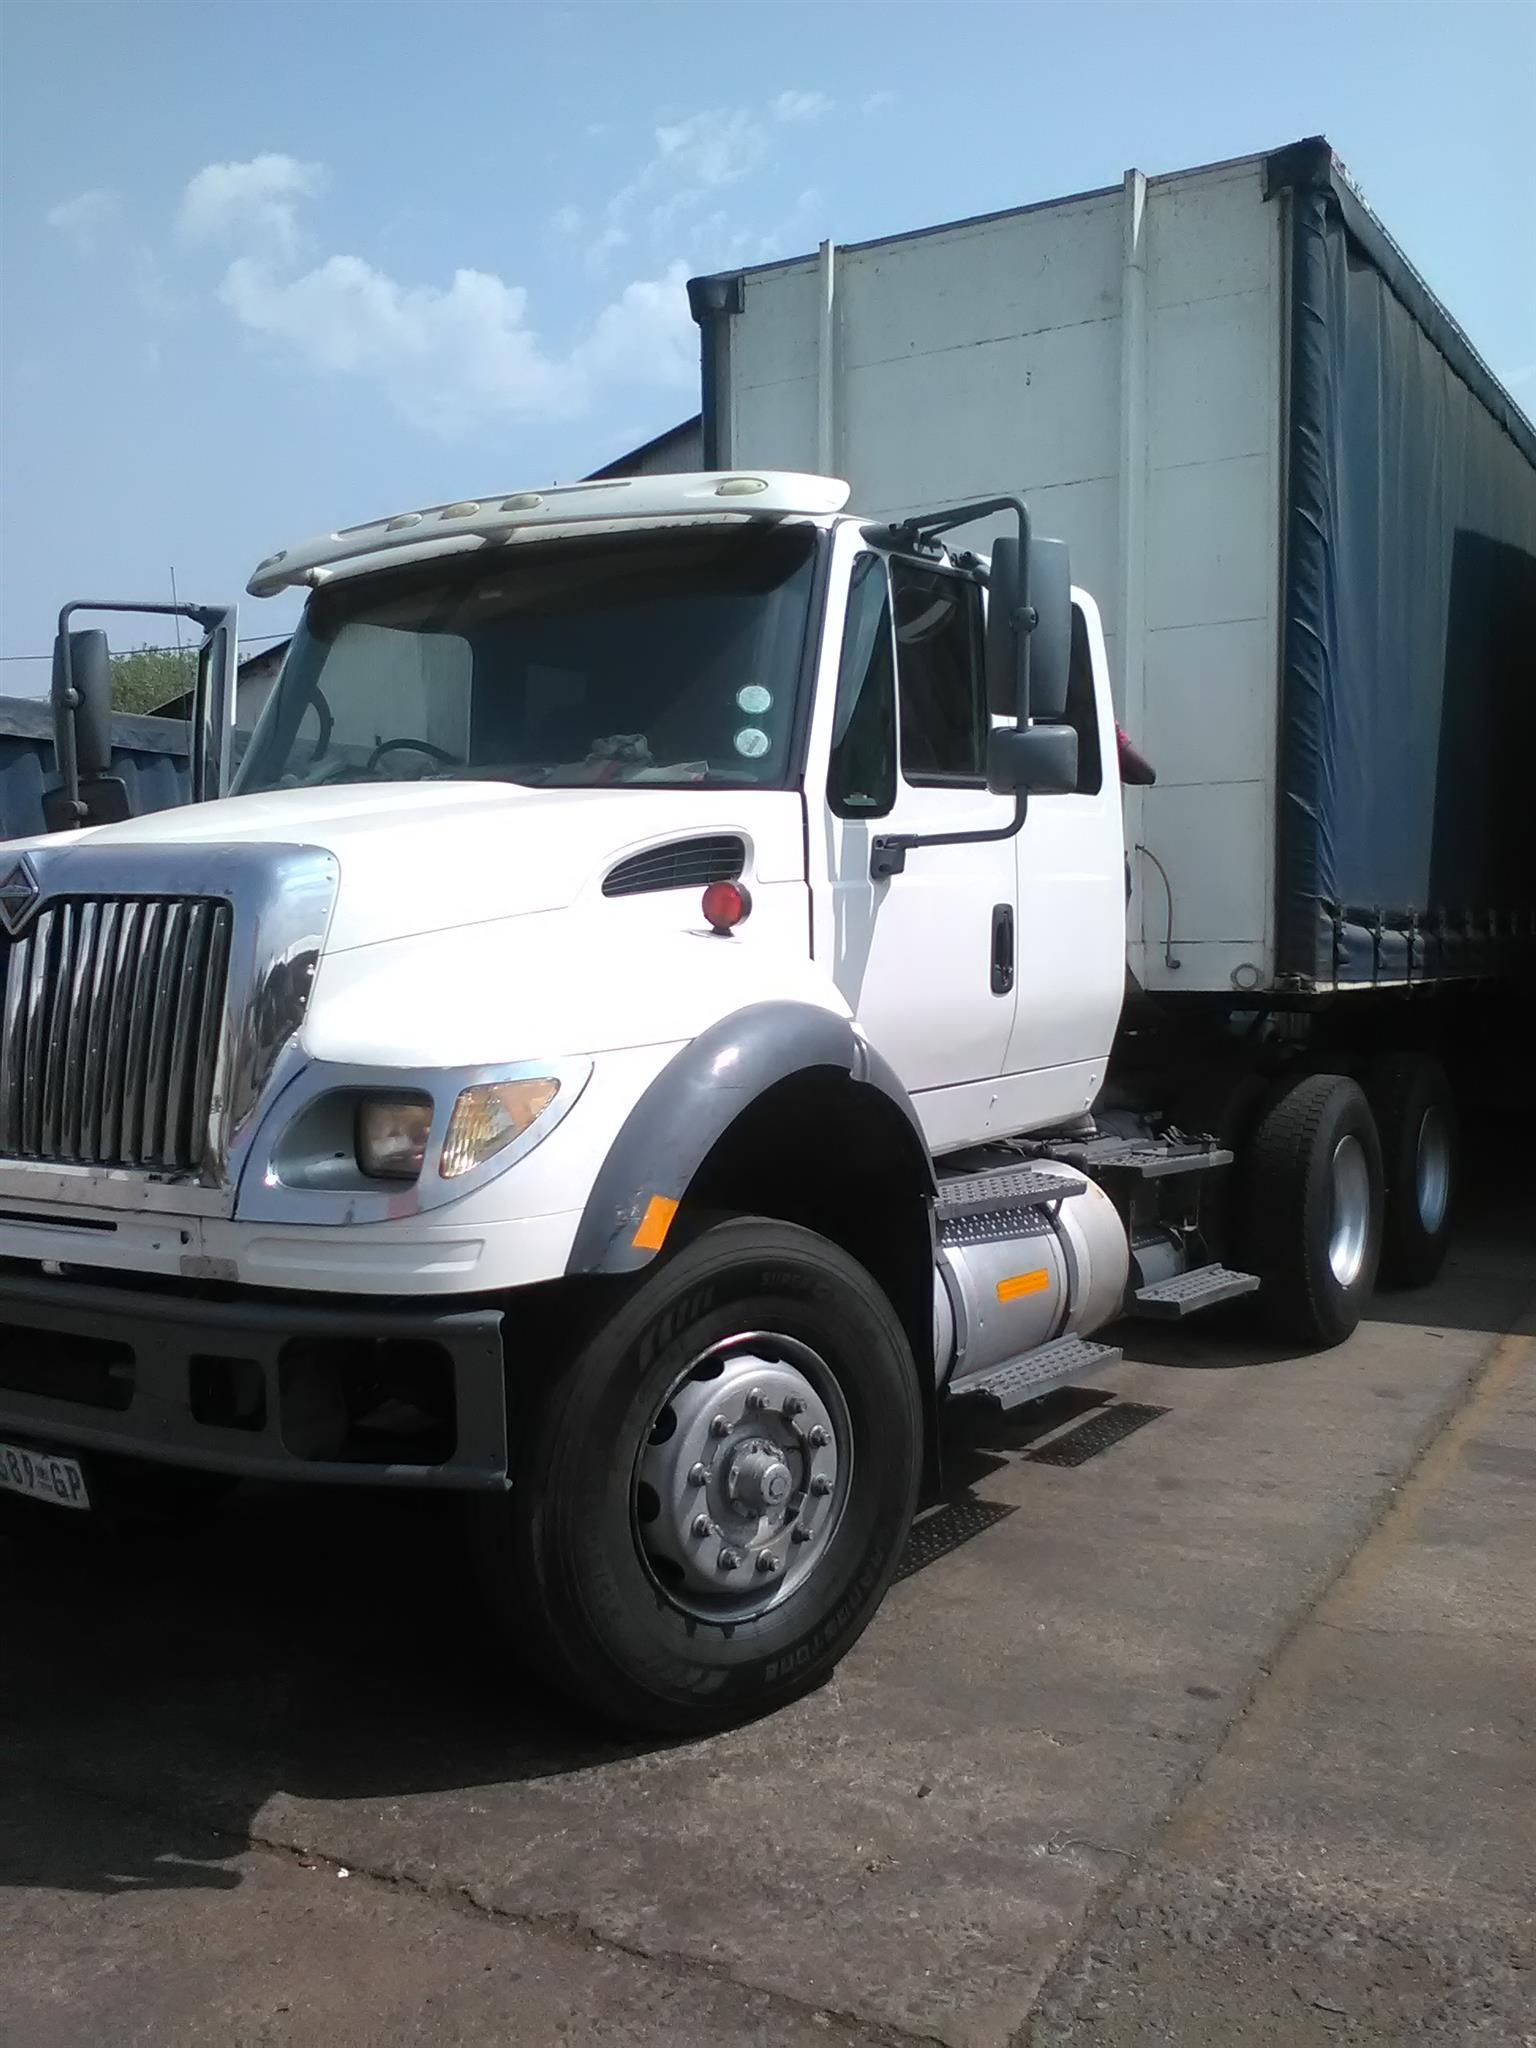 International 7600i Long Nose Eagle truck for sale